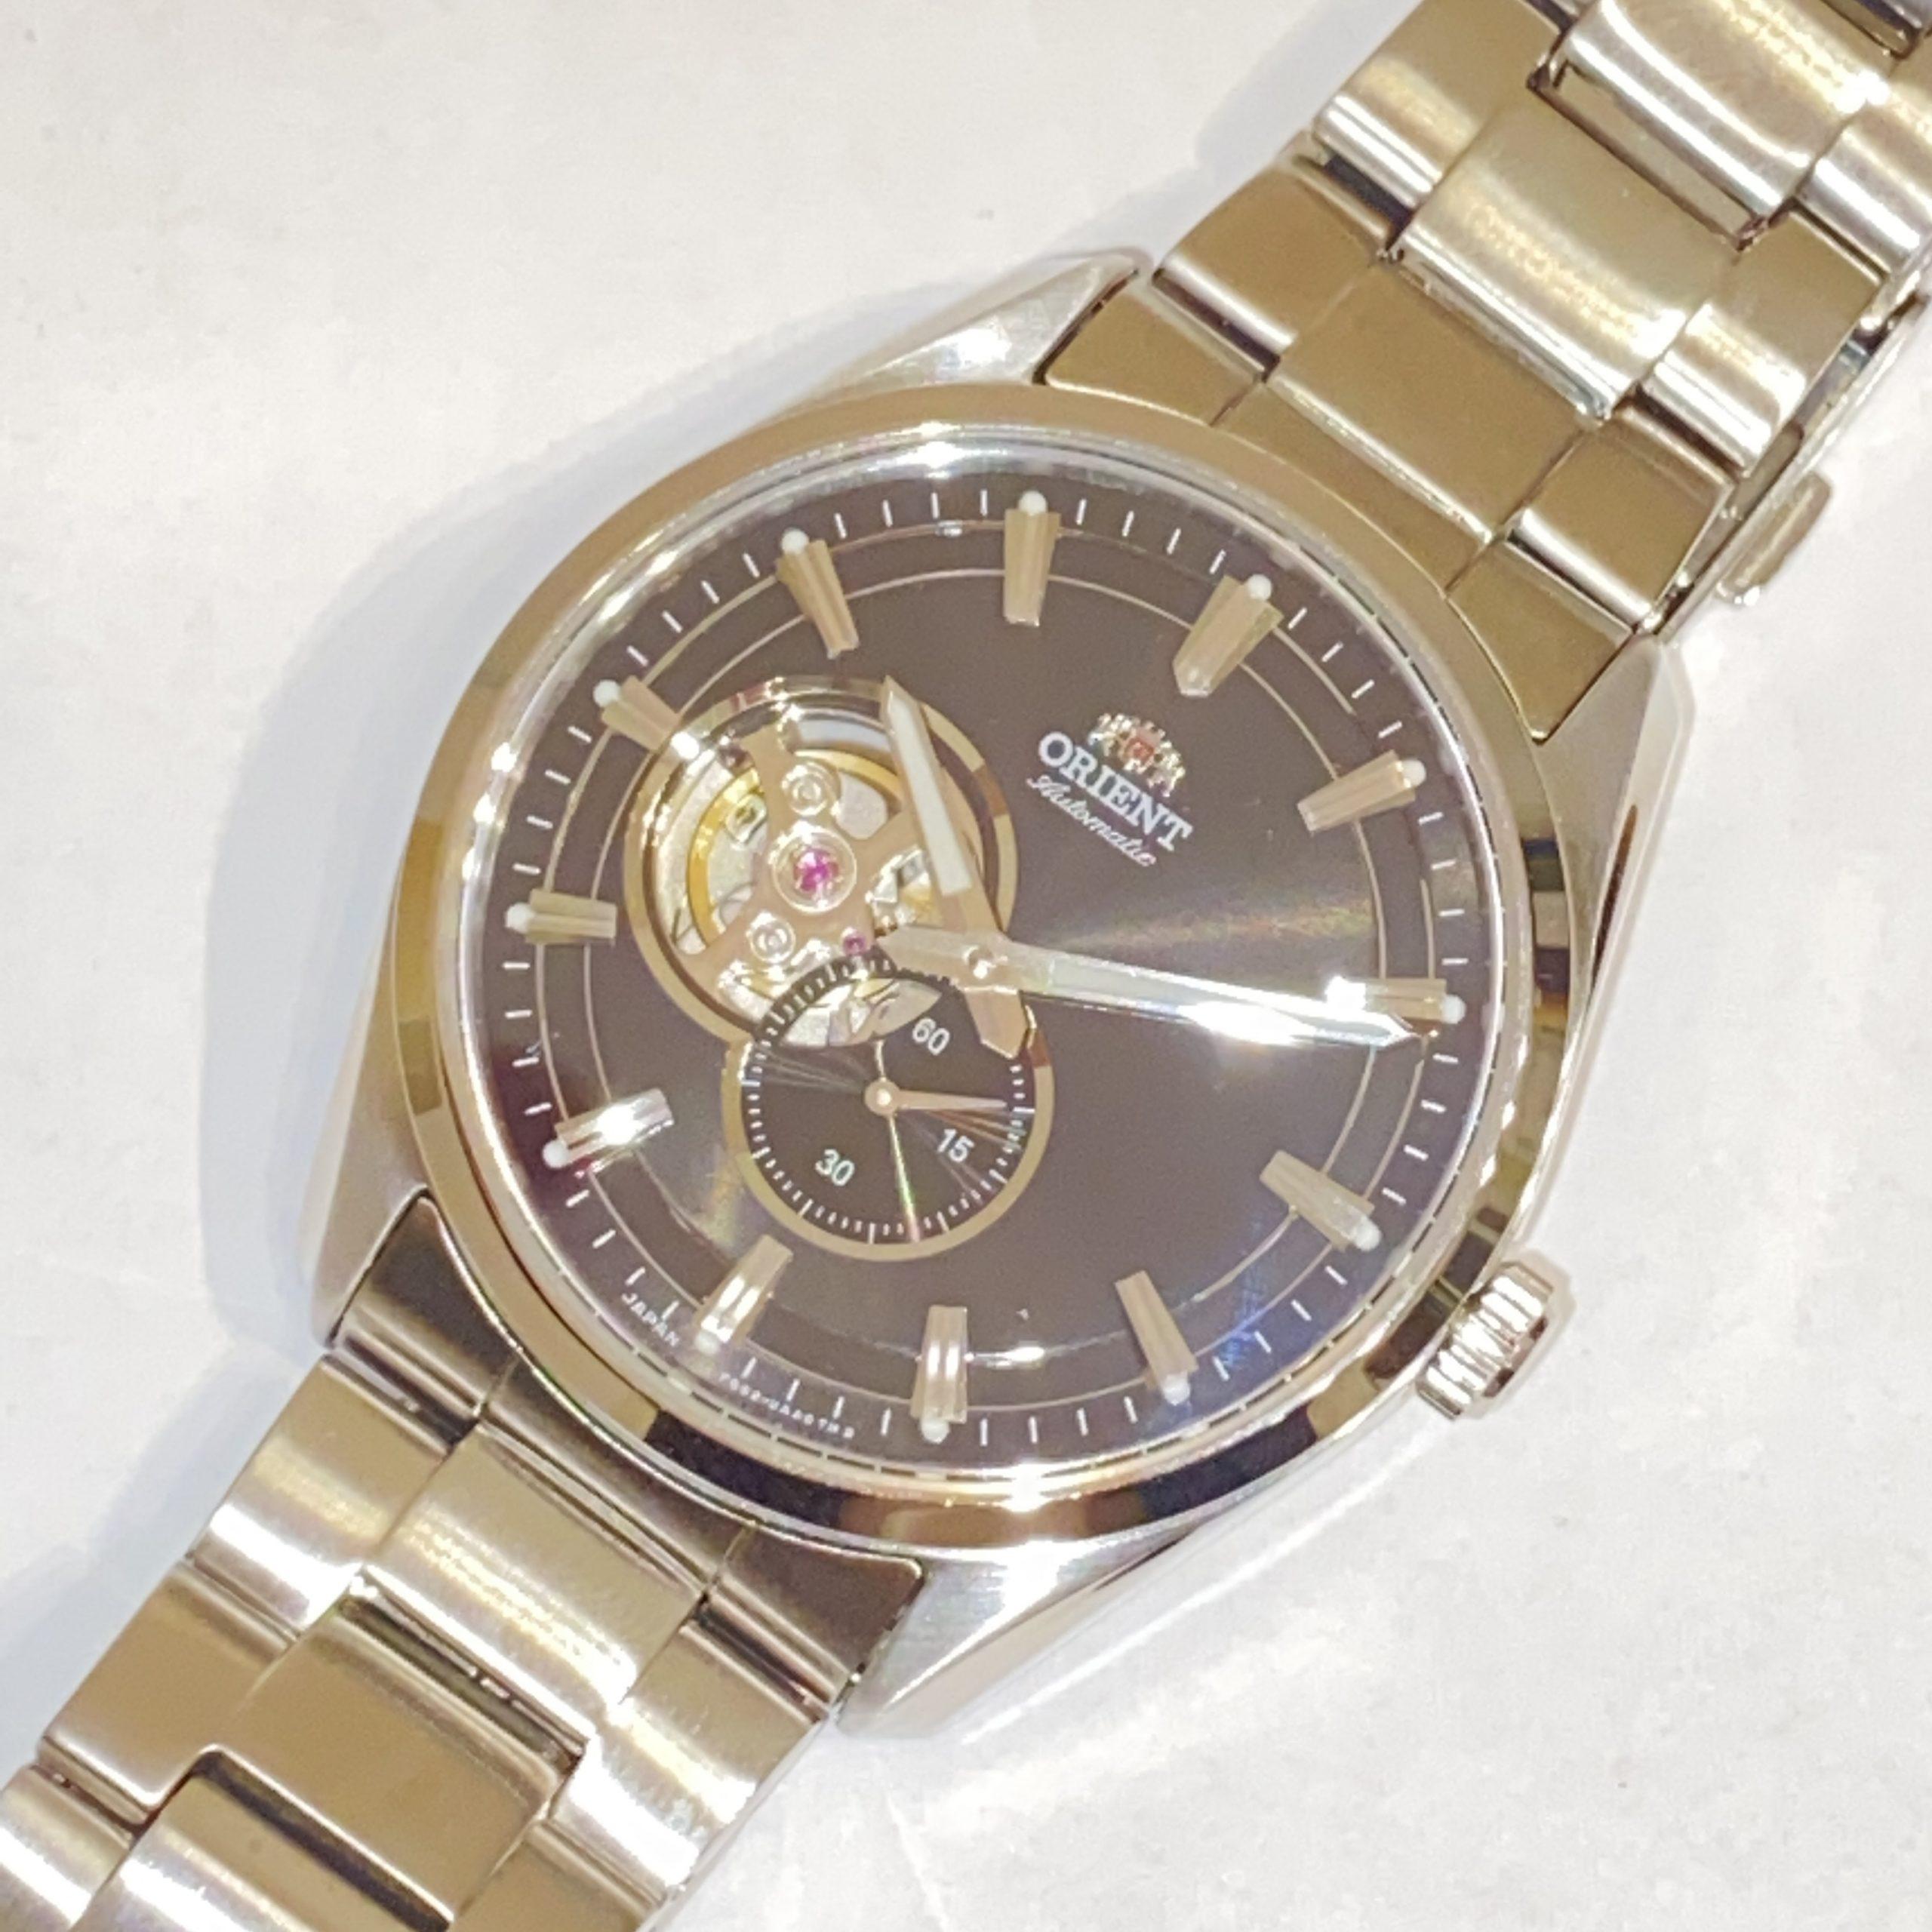 【ORIENT/オリエント】オートマ/自動巻き スモールセコンド F6S2-UAA0 メンズ腕時計